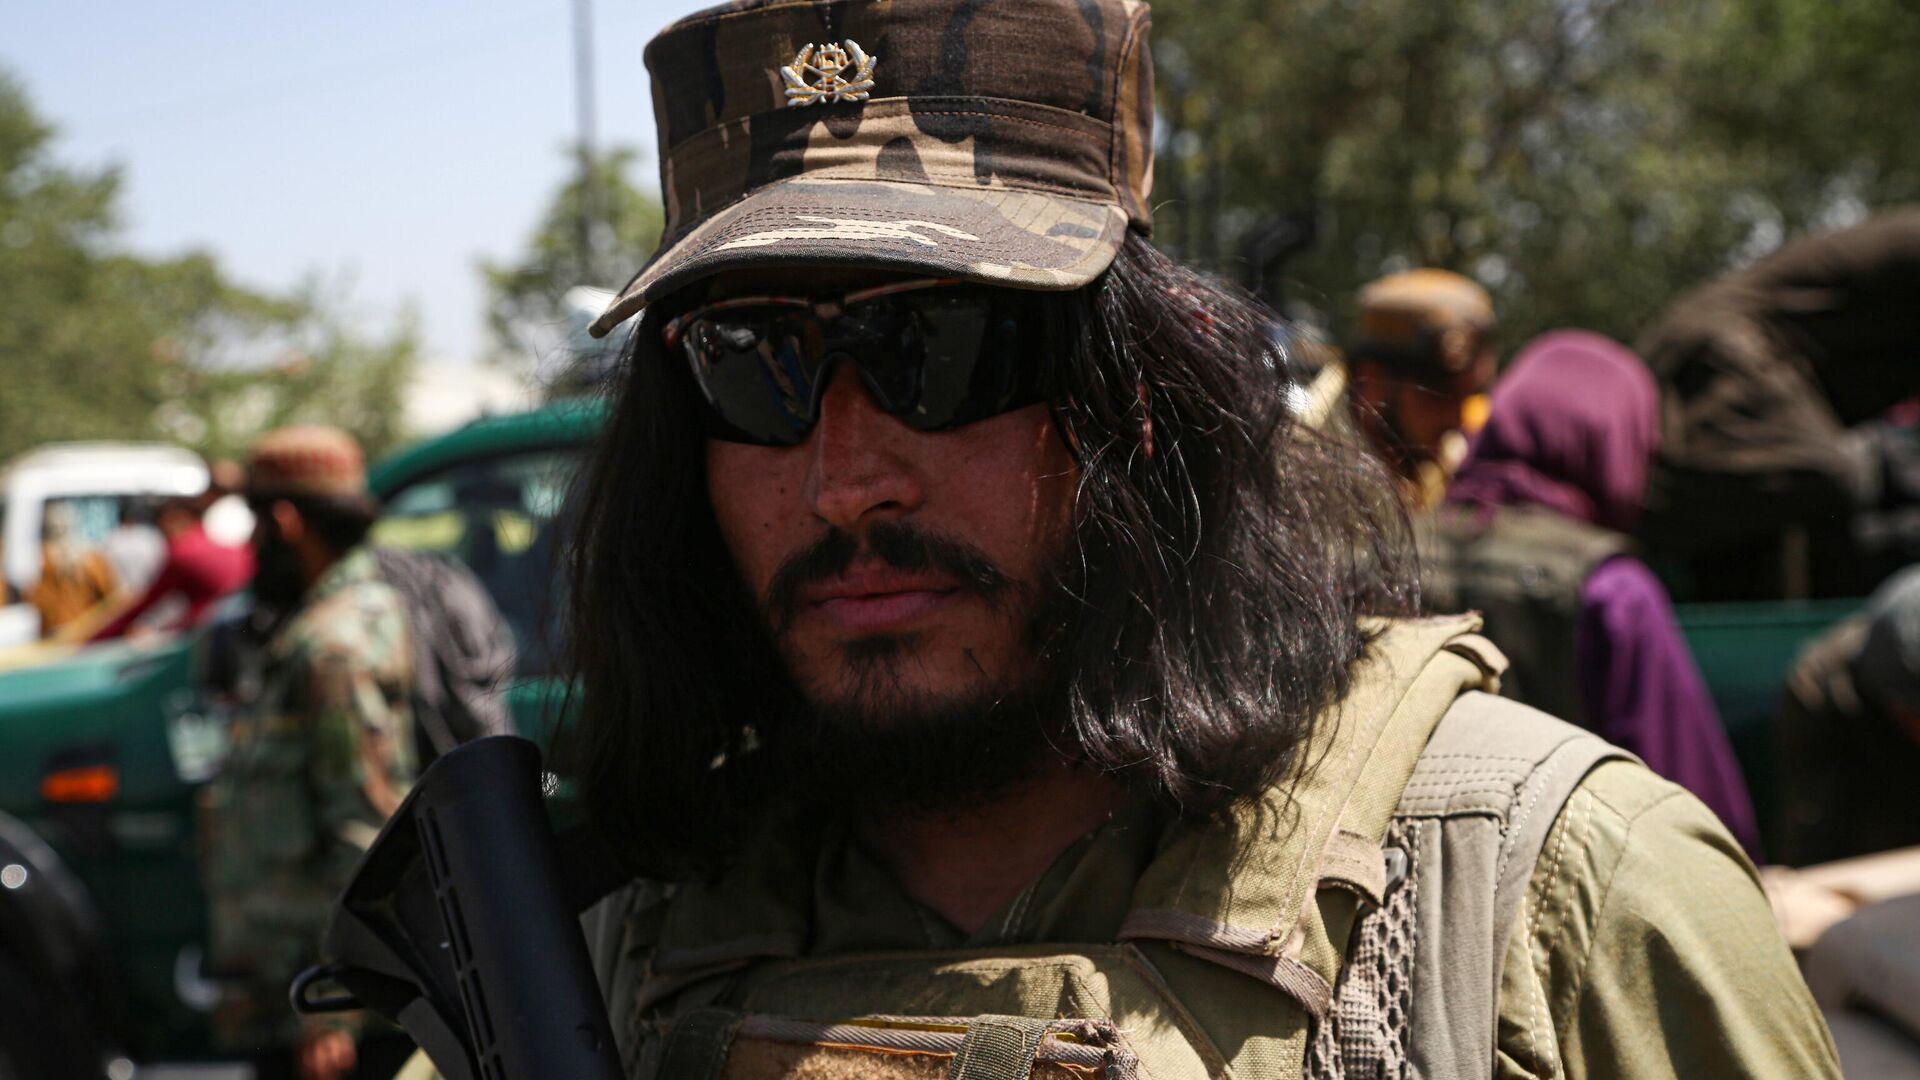 Боевик движения Талибан (террористическая организация, запрещена в России) в Кабуле - Sputnik Тоҷикистон, 1920, 25.09.2021